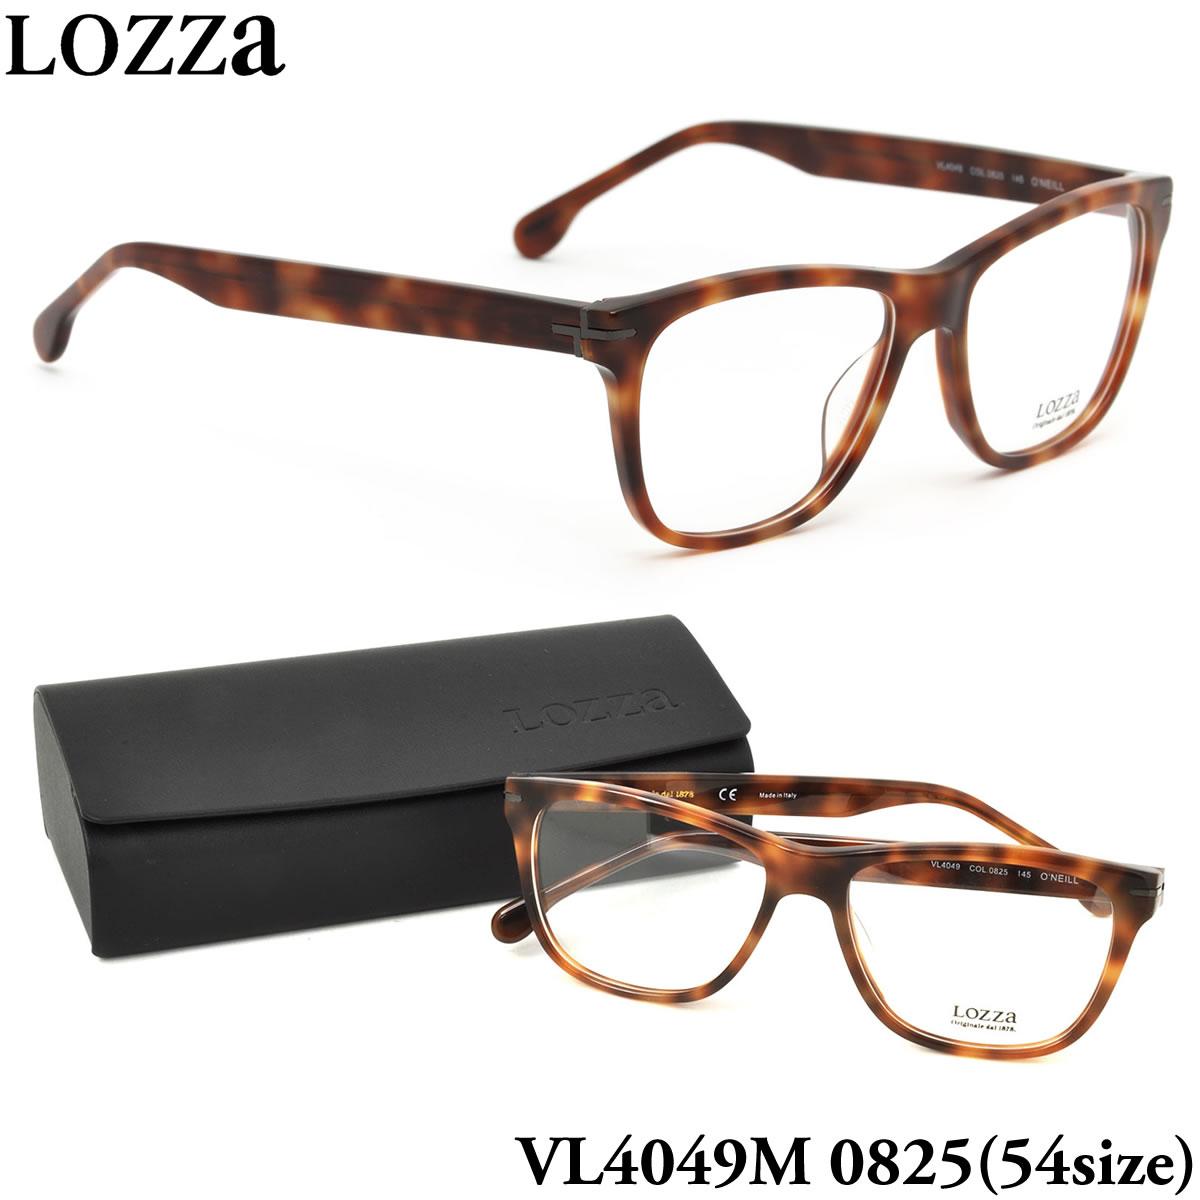 【10月30日からエントリーで全品ポイント20倍】【LOZZA】ロッツァ 眼鏡 メガネ フレーム VL4049M 0825 54サイズ O'NEILL ウェリントン メンズ レディース